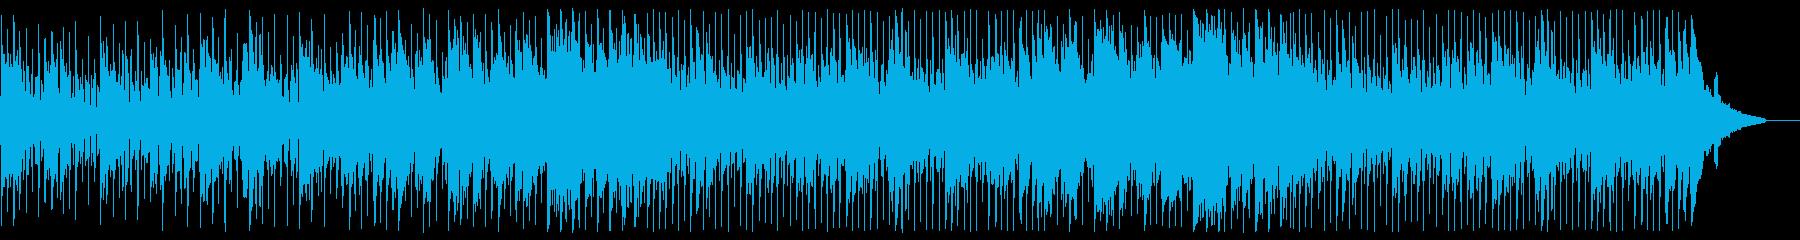 前向きで爽やか軽快なピアノポップの再生済みの波形